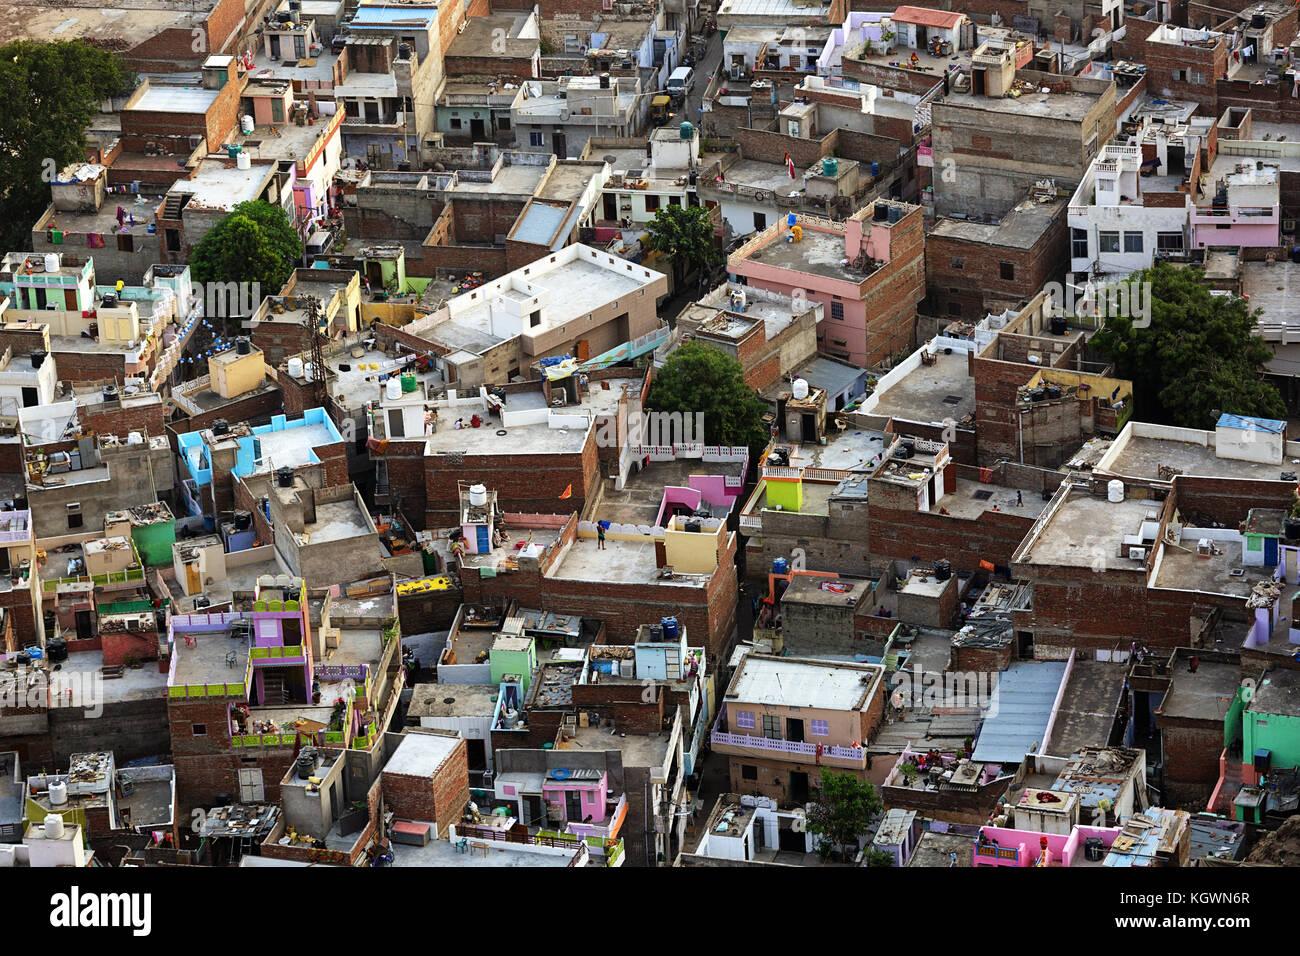 Vista aerea delle case a Jaipur, le persone che vivono la vita di tutti i giorni, Rajasthan, India. Immagini Stock